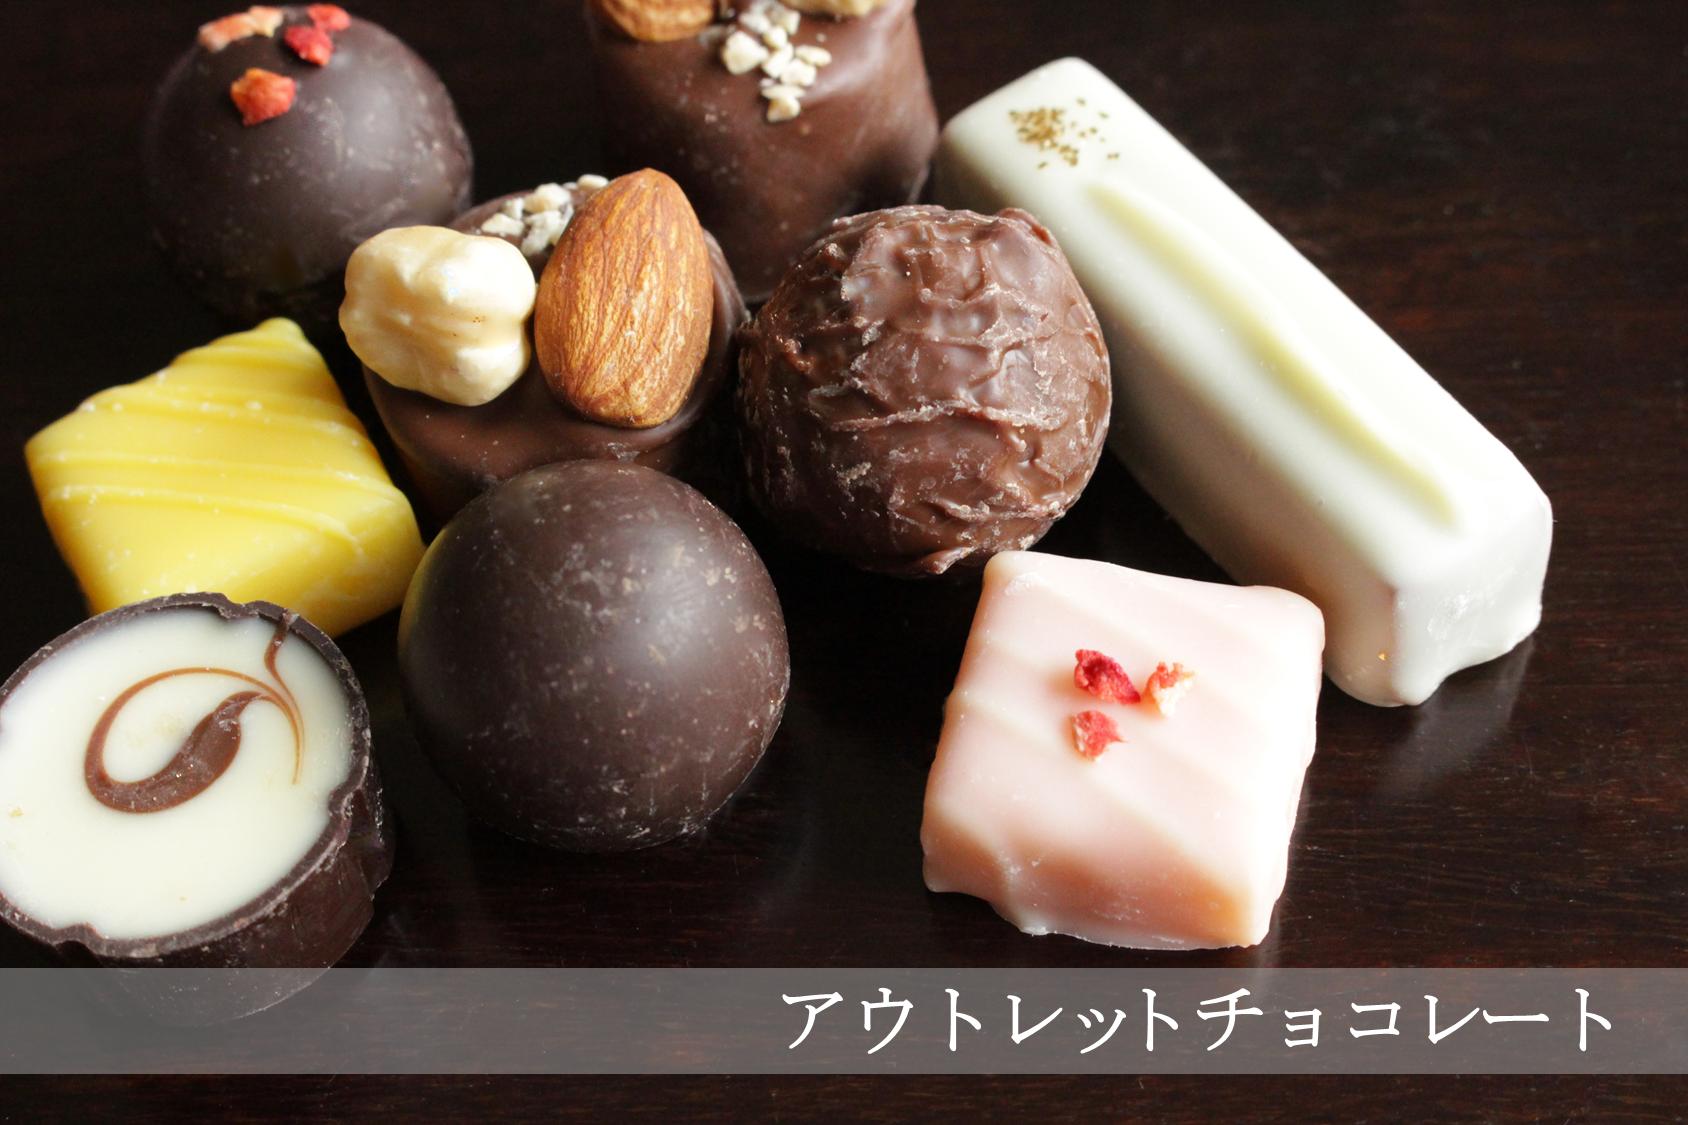 アウトレットチョコレート